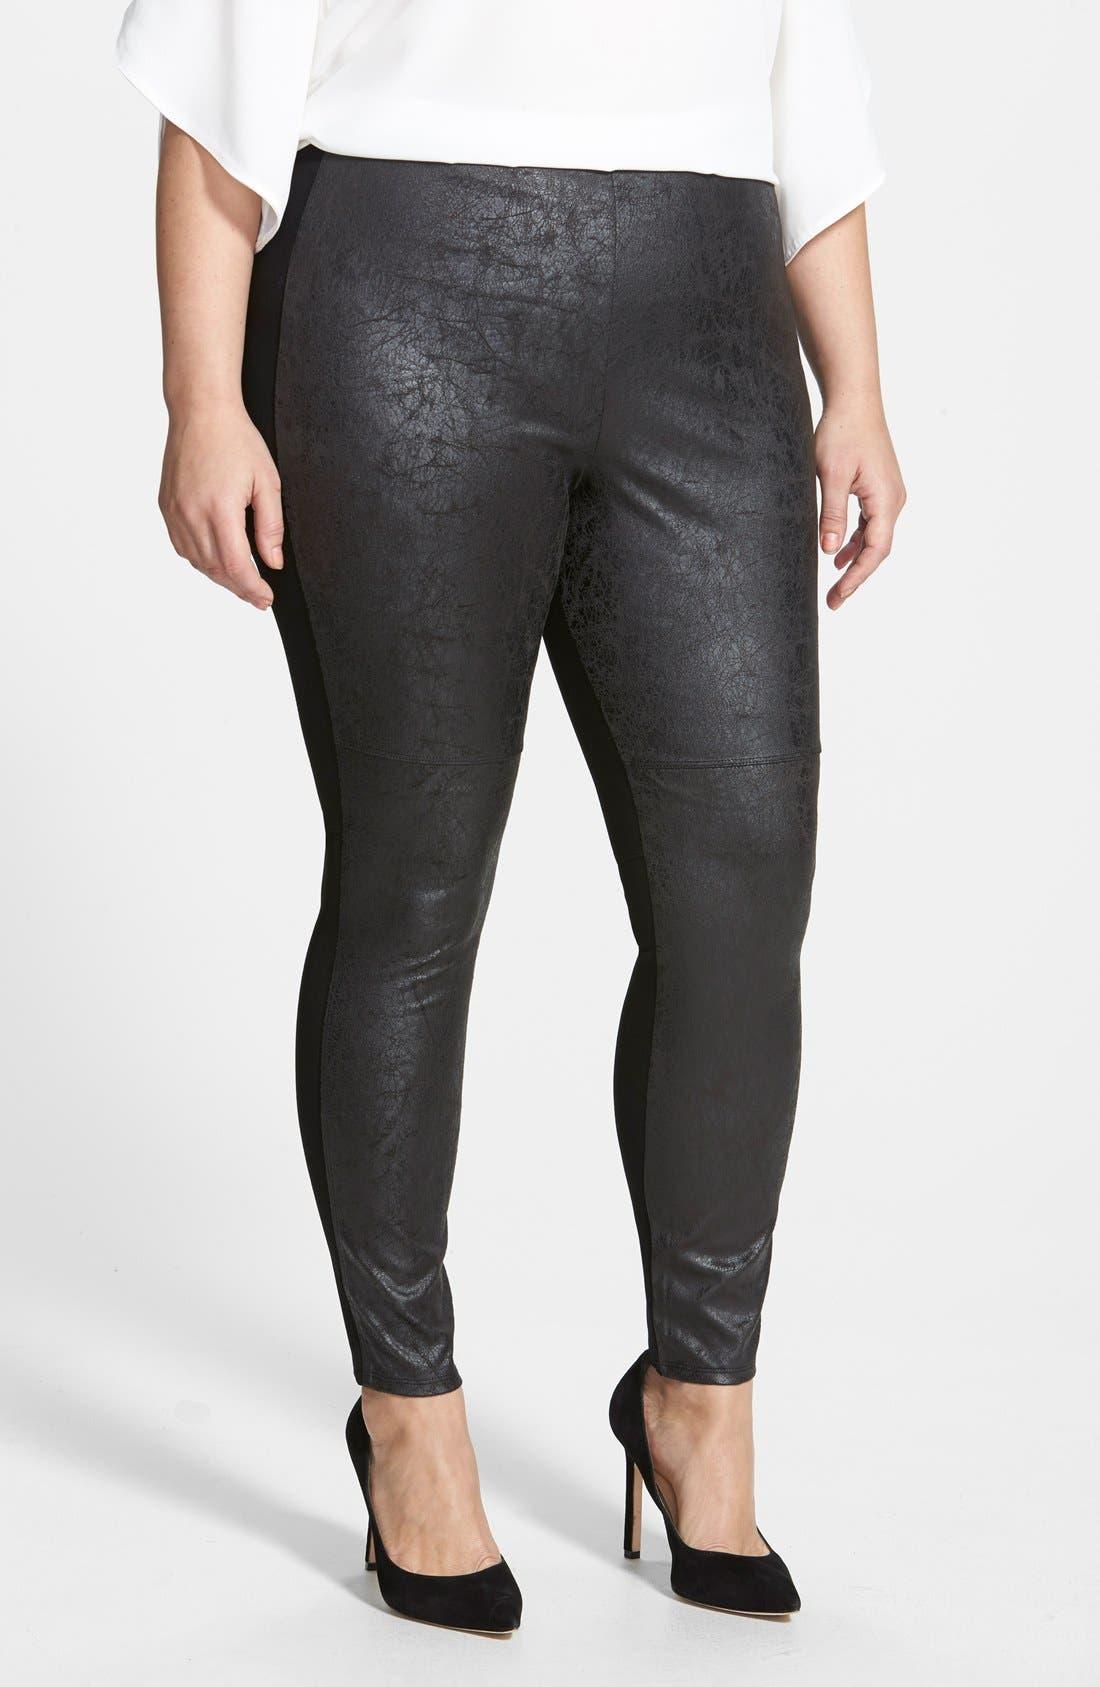 LYSSÉ, Distressed Faux Leather & Ponte Knit Leggings, Main thumbnail 1, color, 001